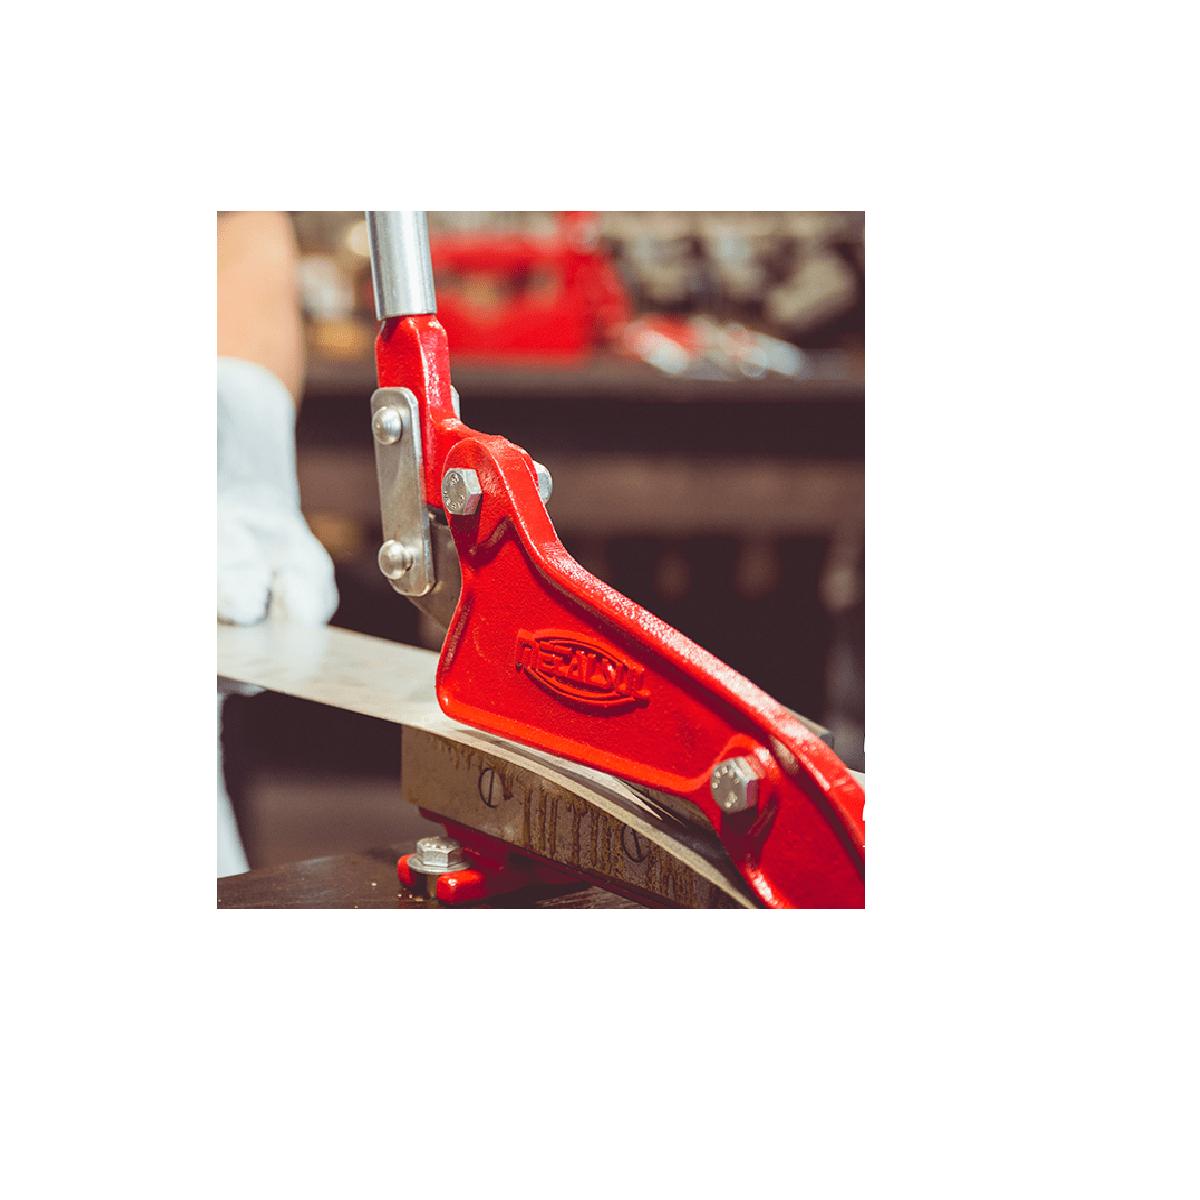 Tesoura Máquina de Cortar Chapa Nº3 - Metalsul